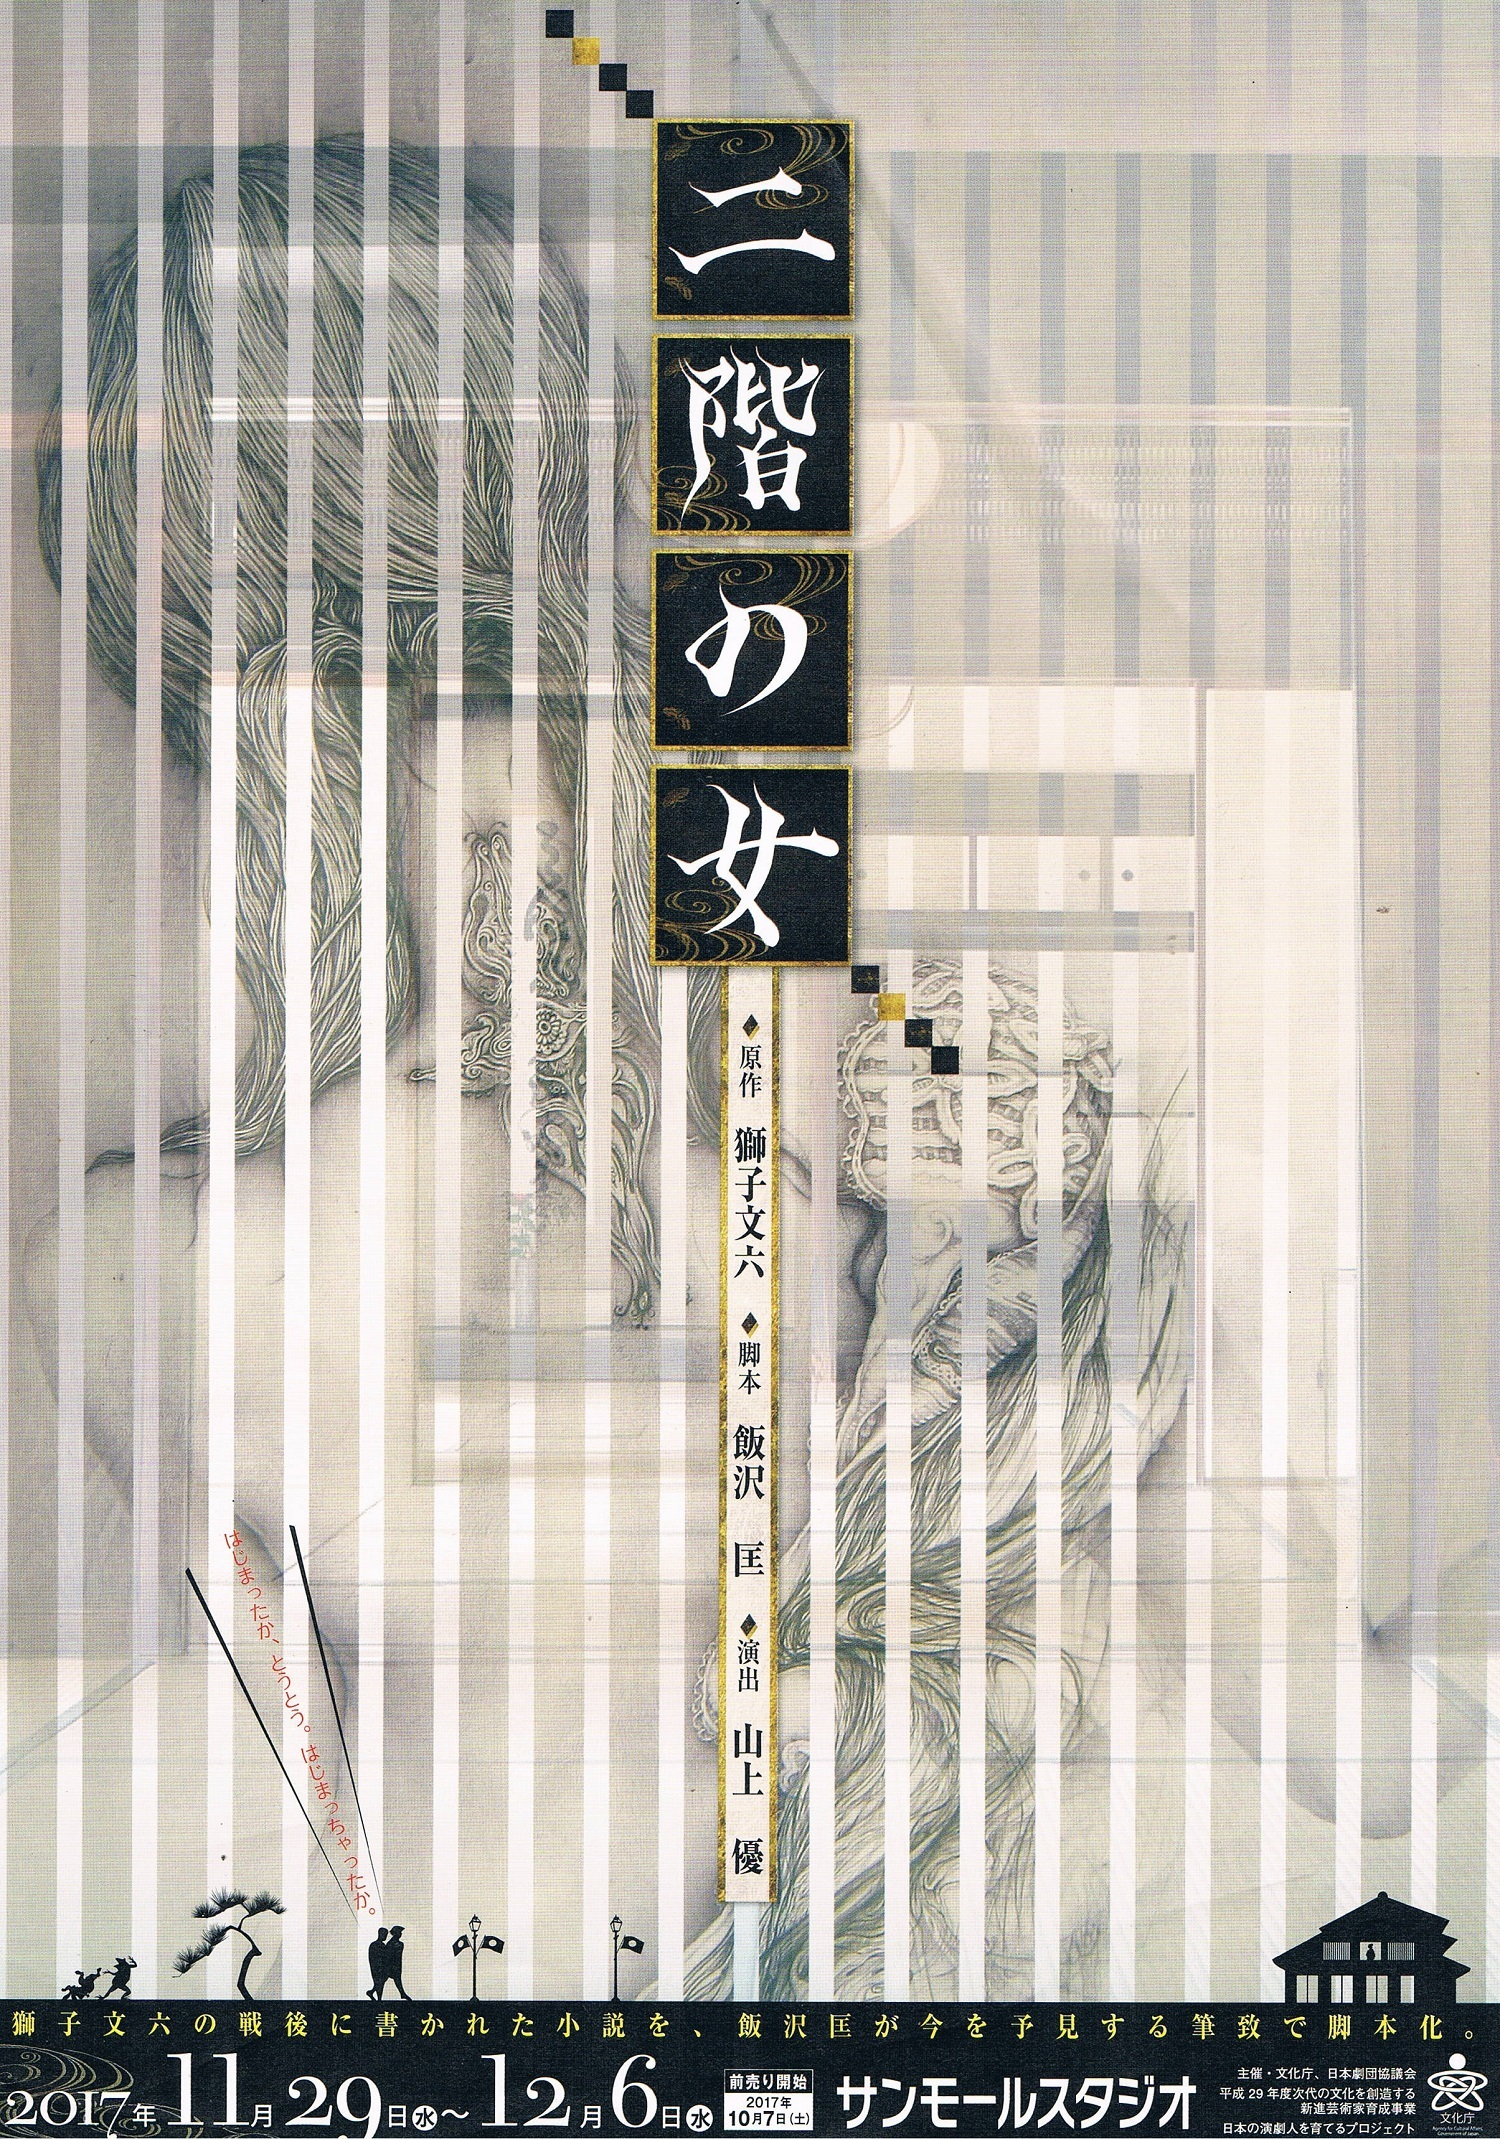 2017nov17「二階の女」チラシ表CCF20171117_00000risaizu